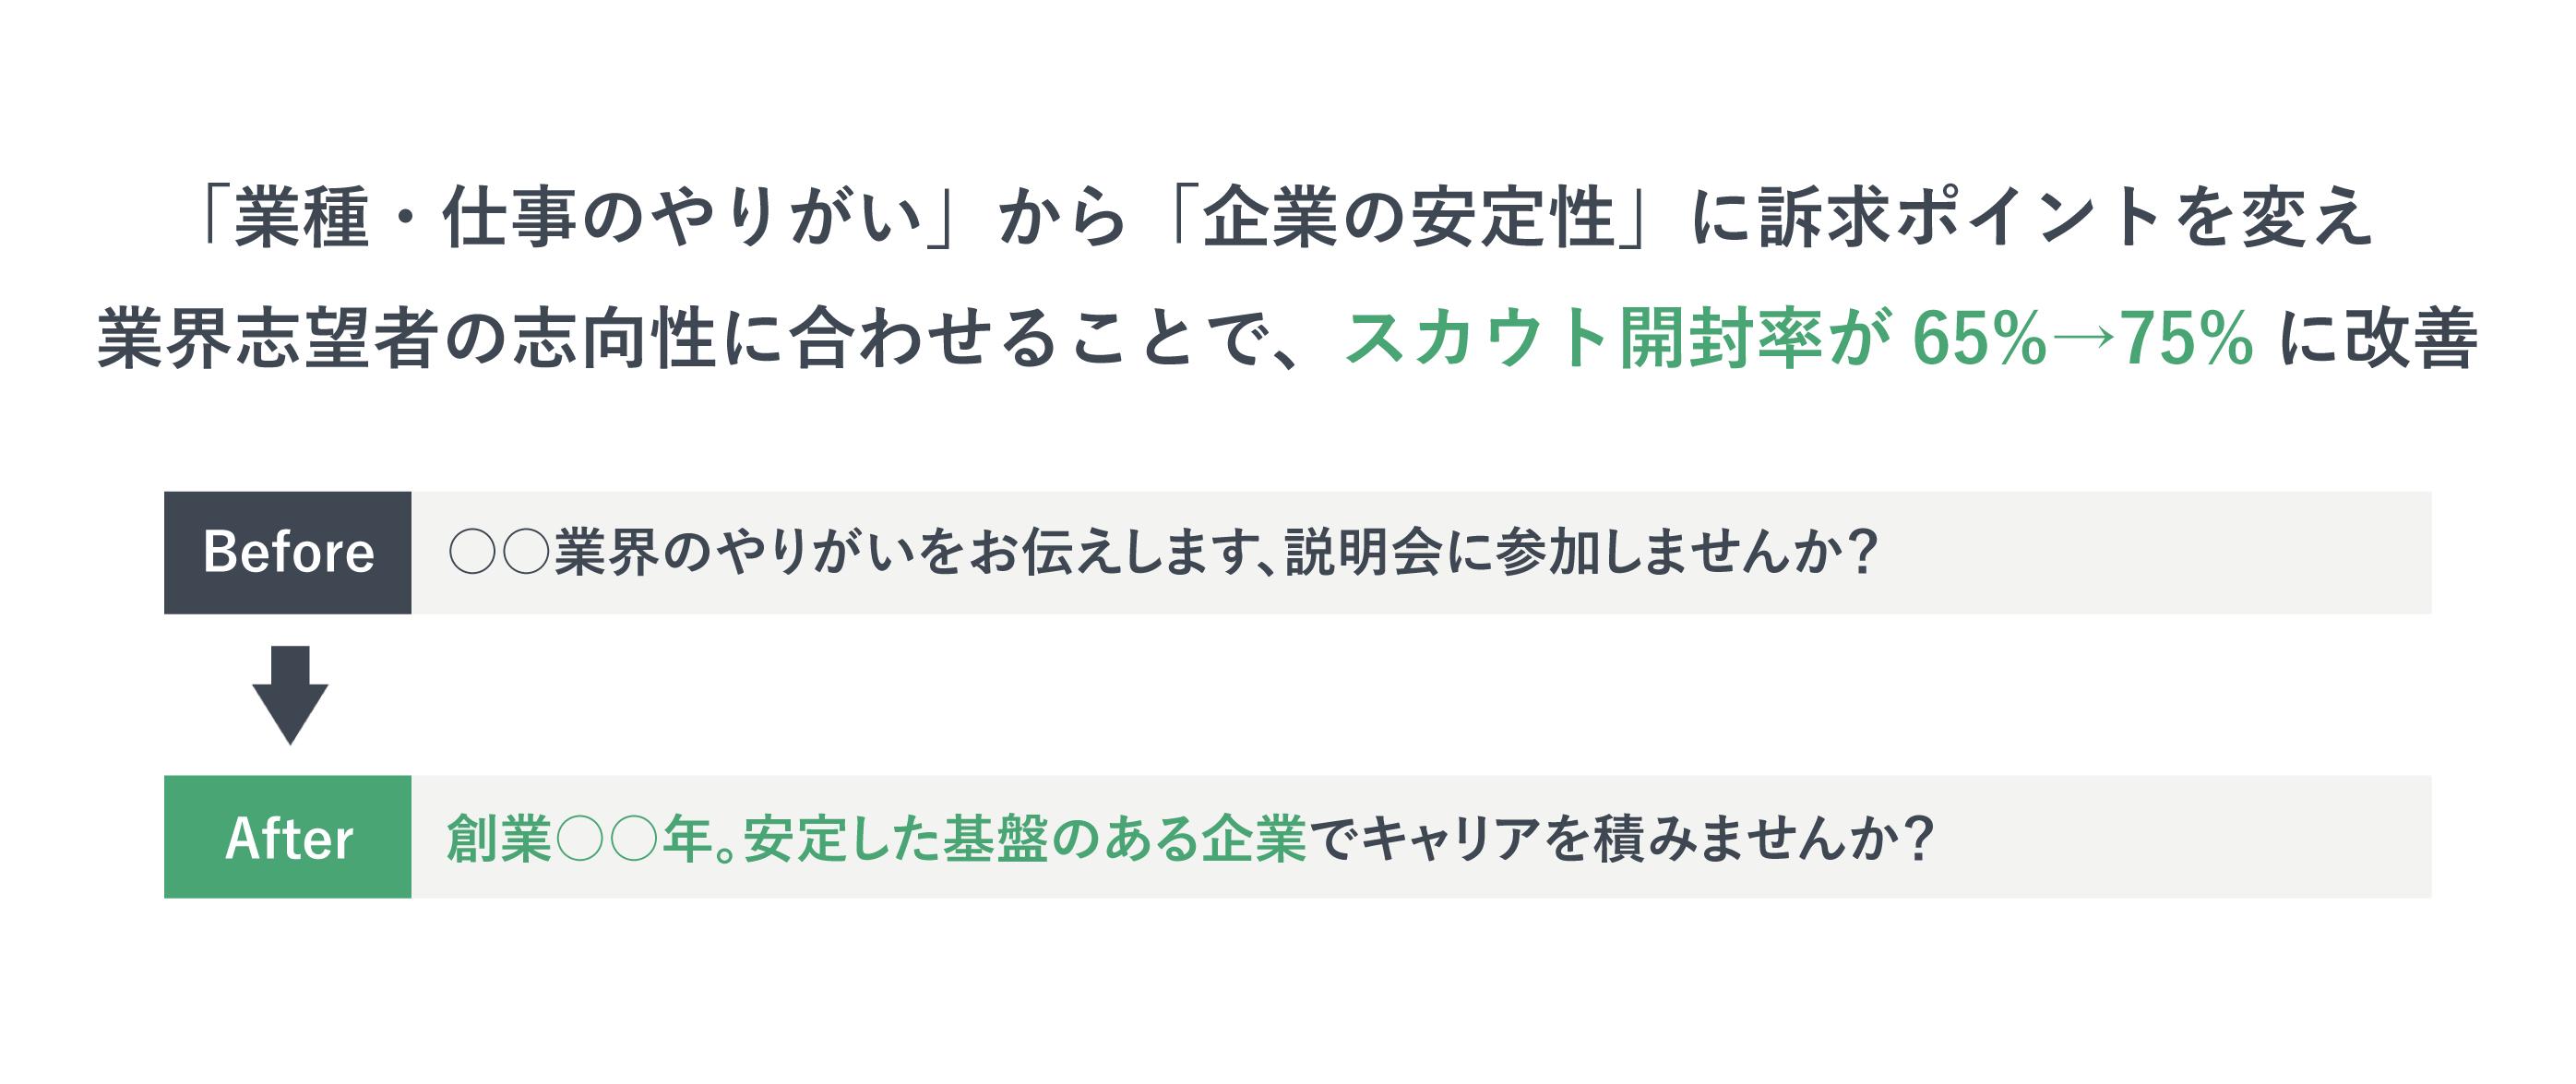 安定性_アートボード 1